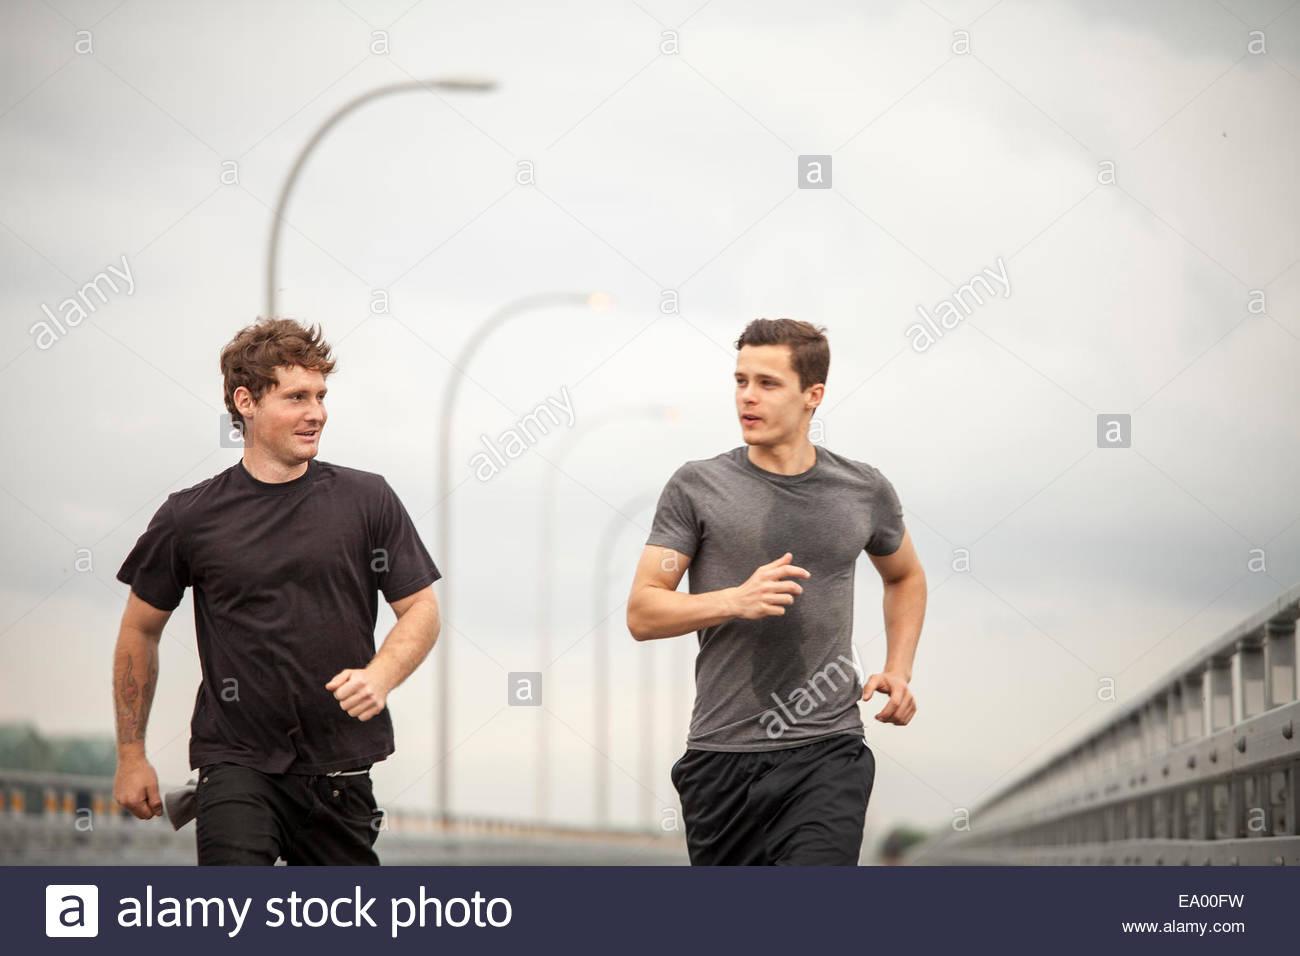 Los hombres jóvenes trotar Imagen De Stock